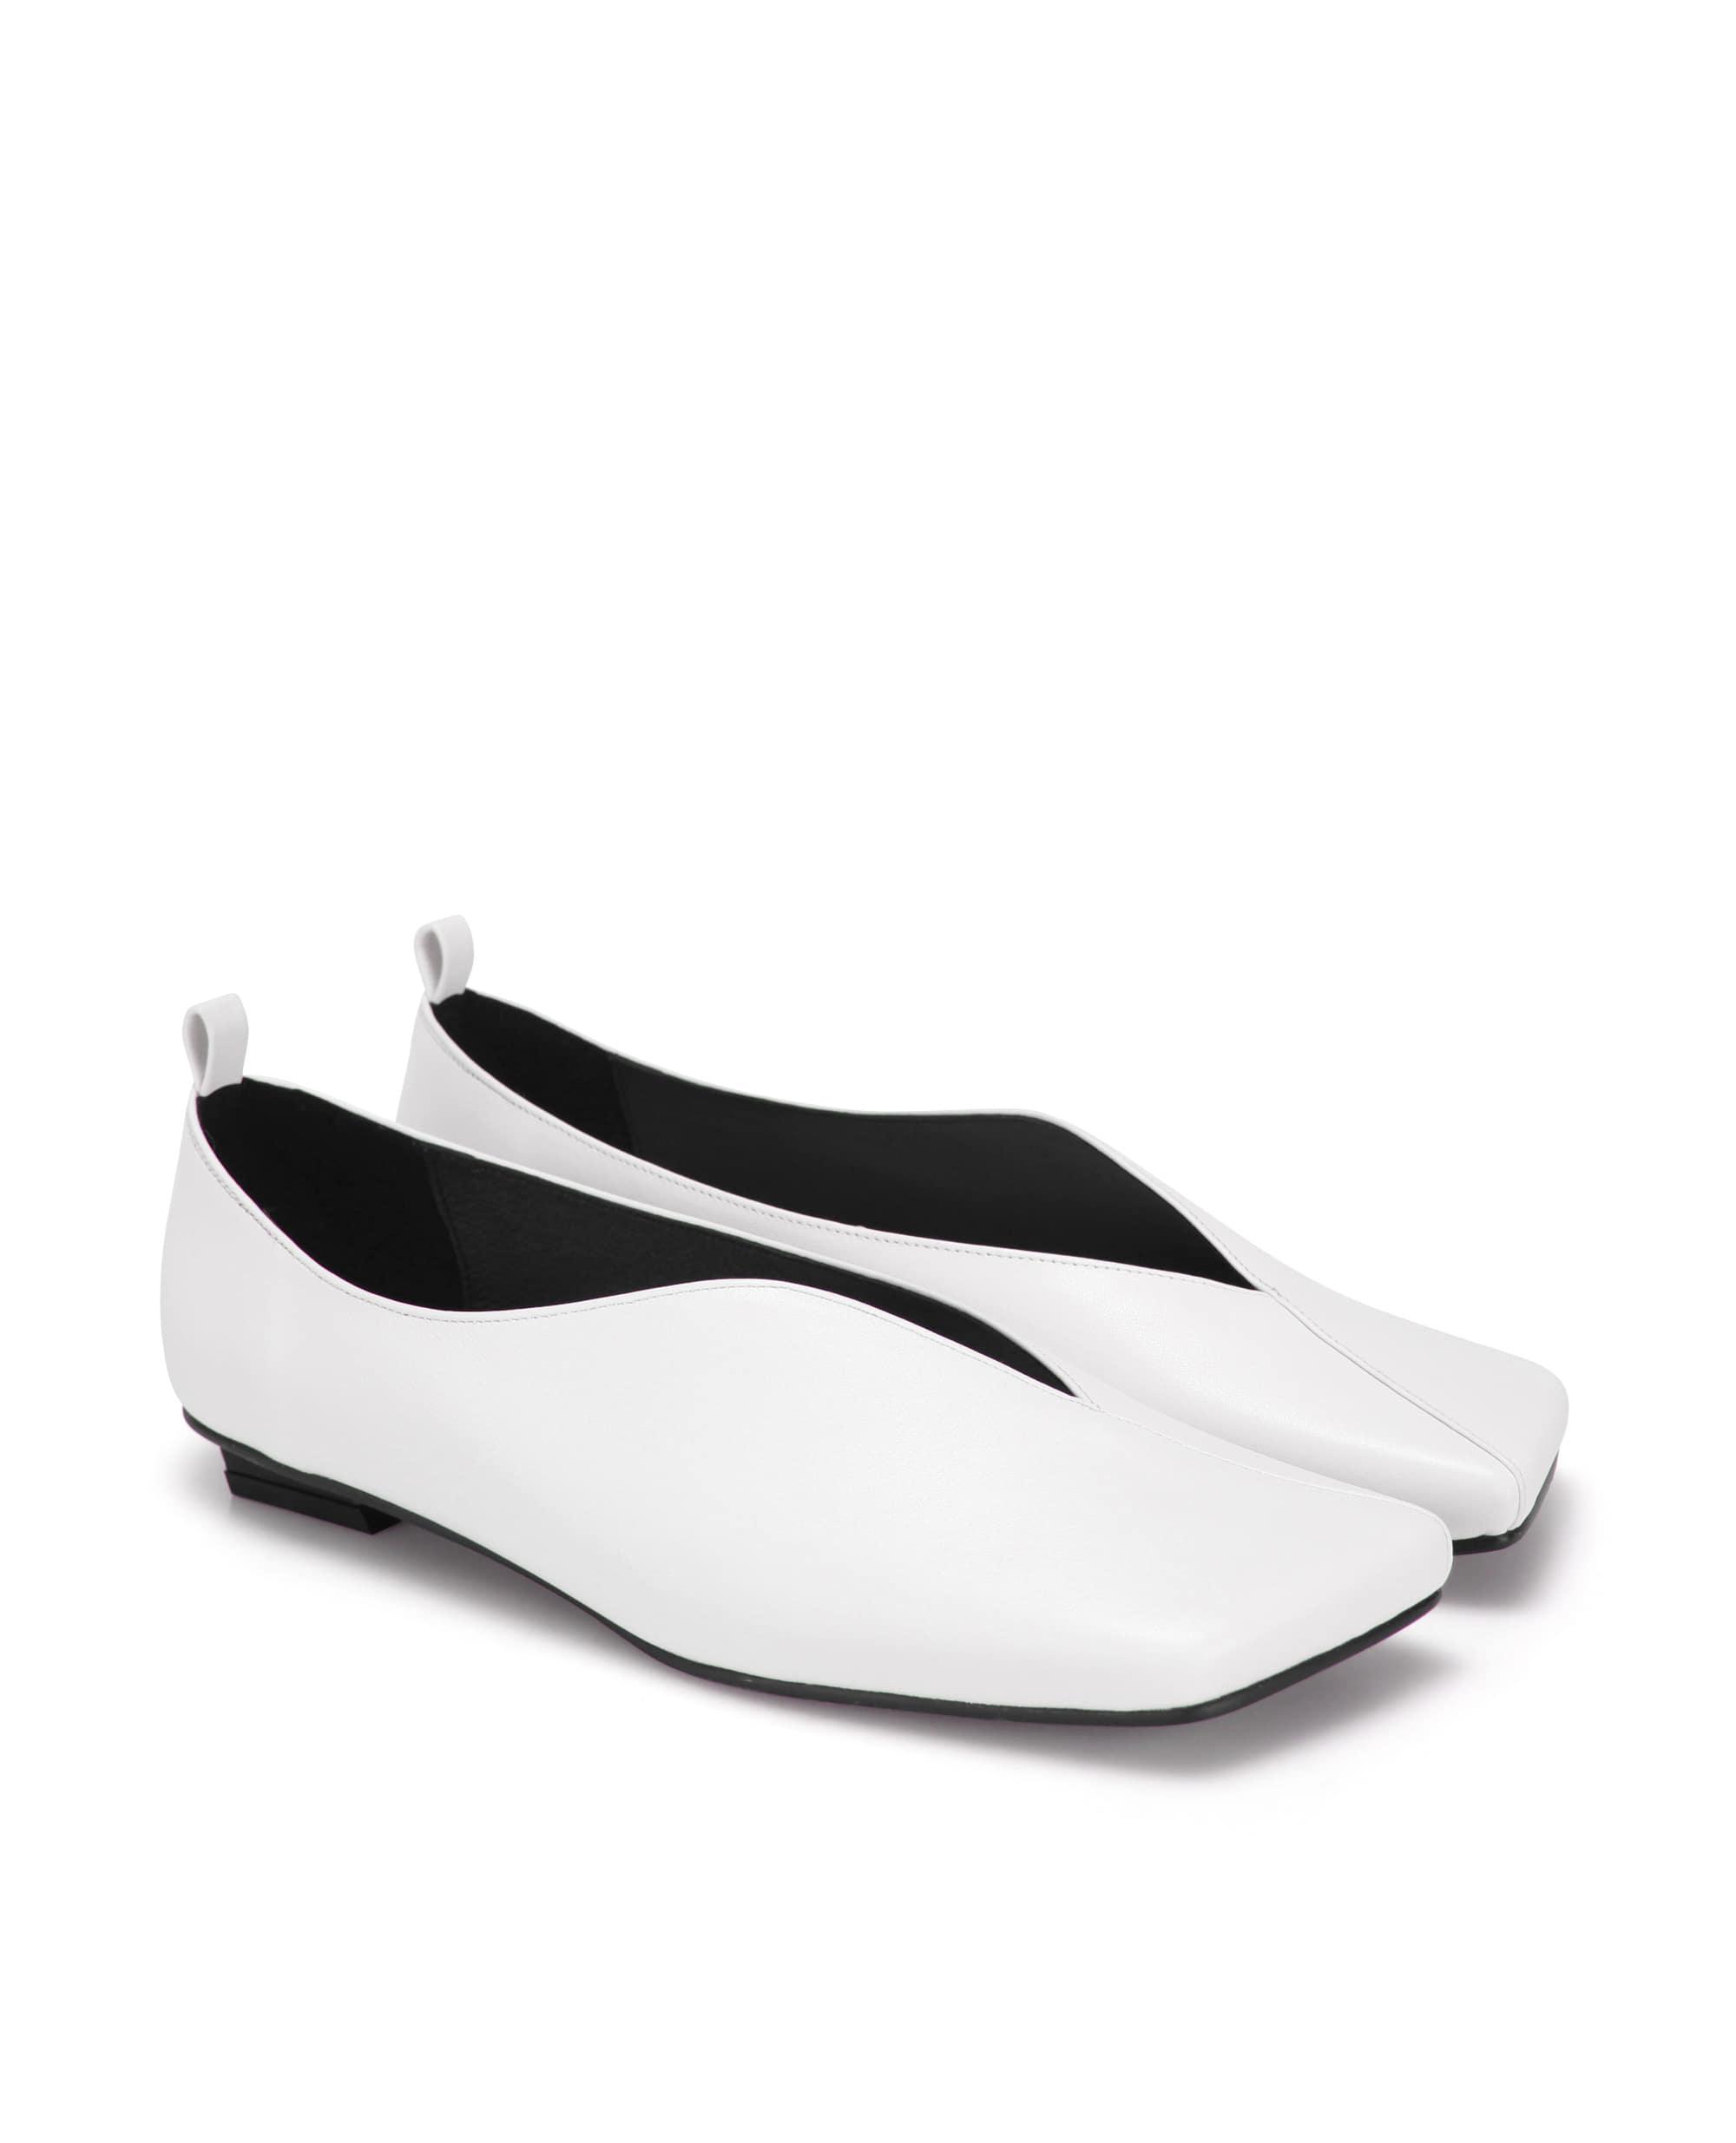 플랫아파트먼트,플랫슈즈,신발,앵클렛,볼체인,flatshoes,flatapartment,shoes,anklet,ballchain